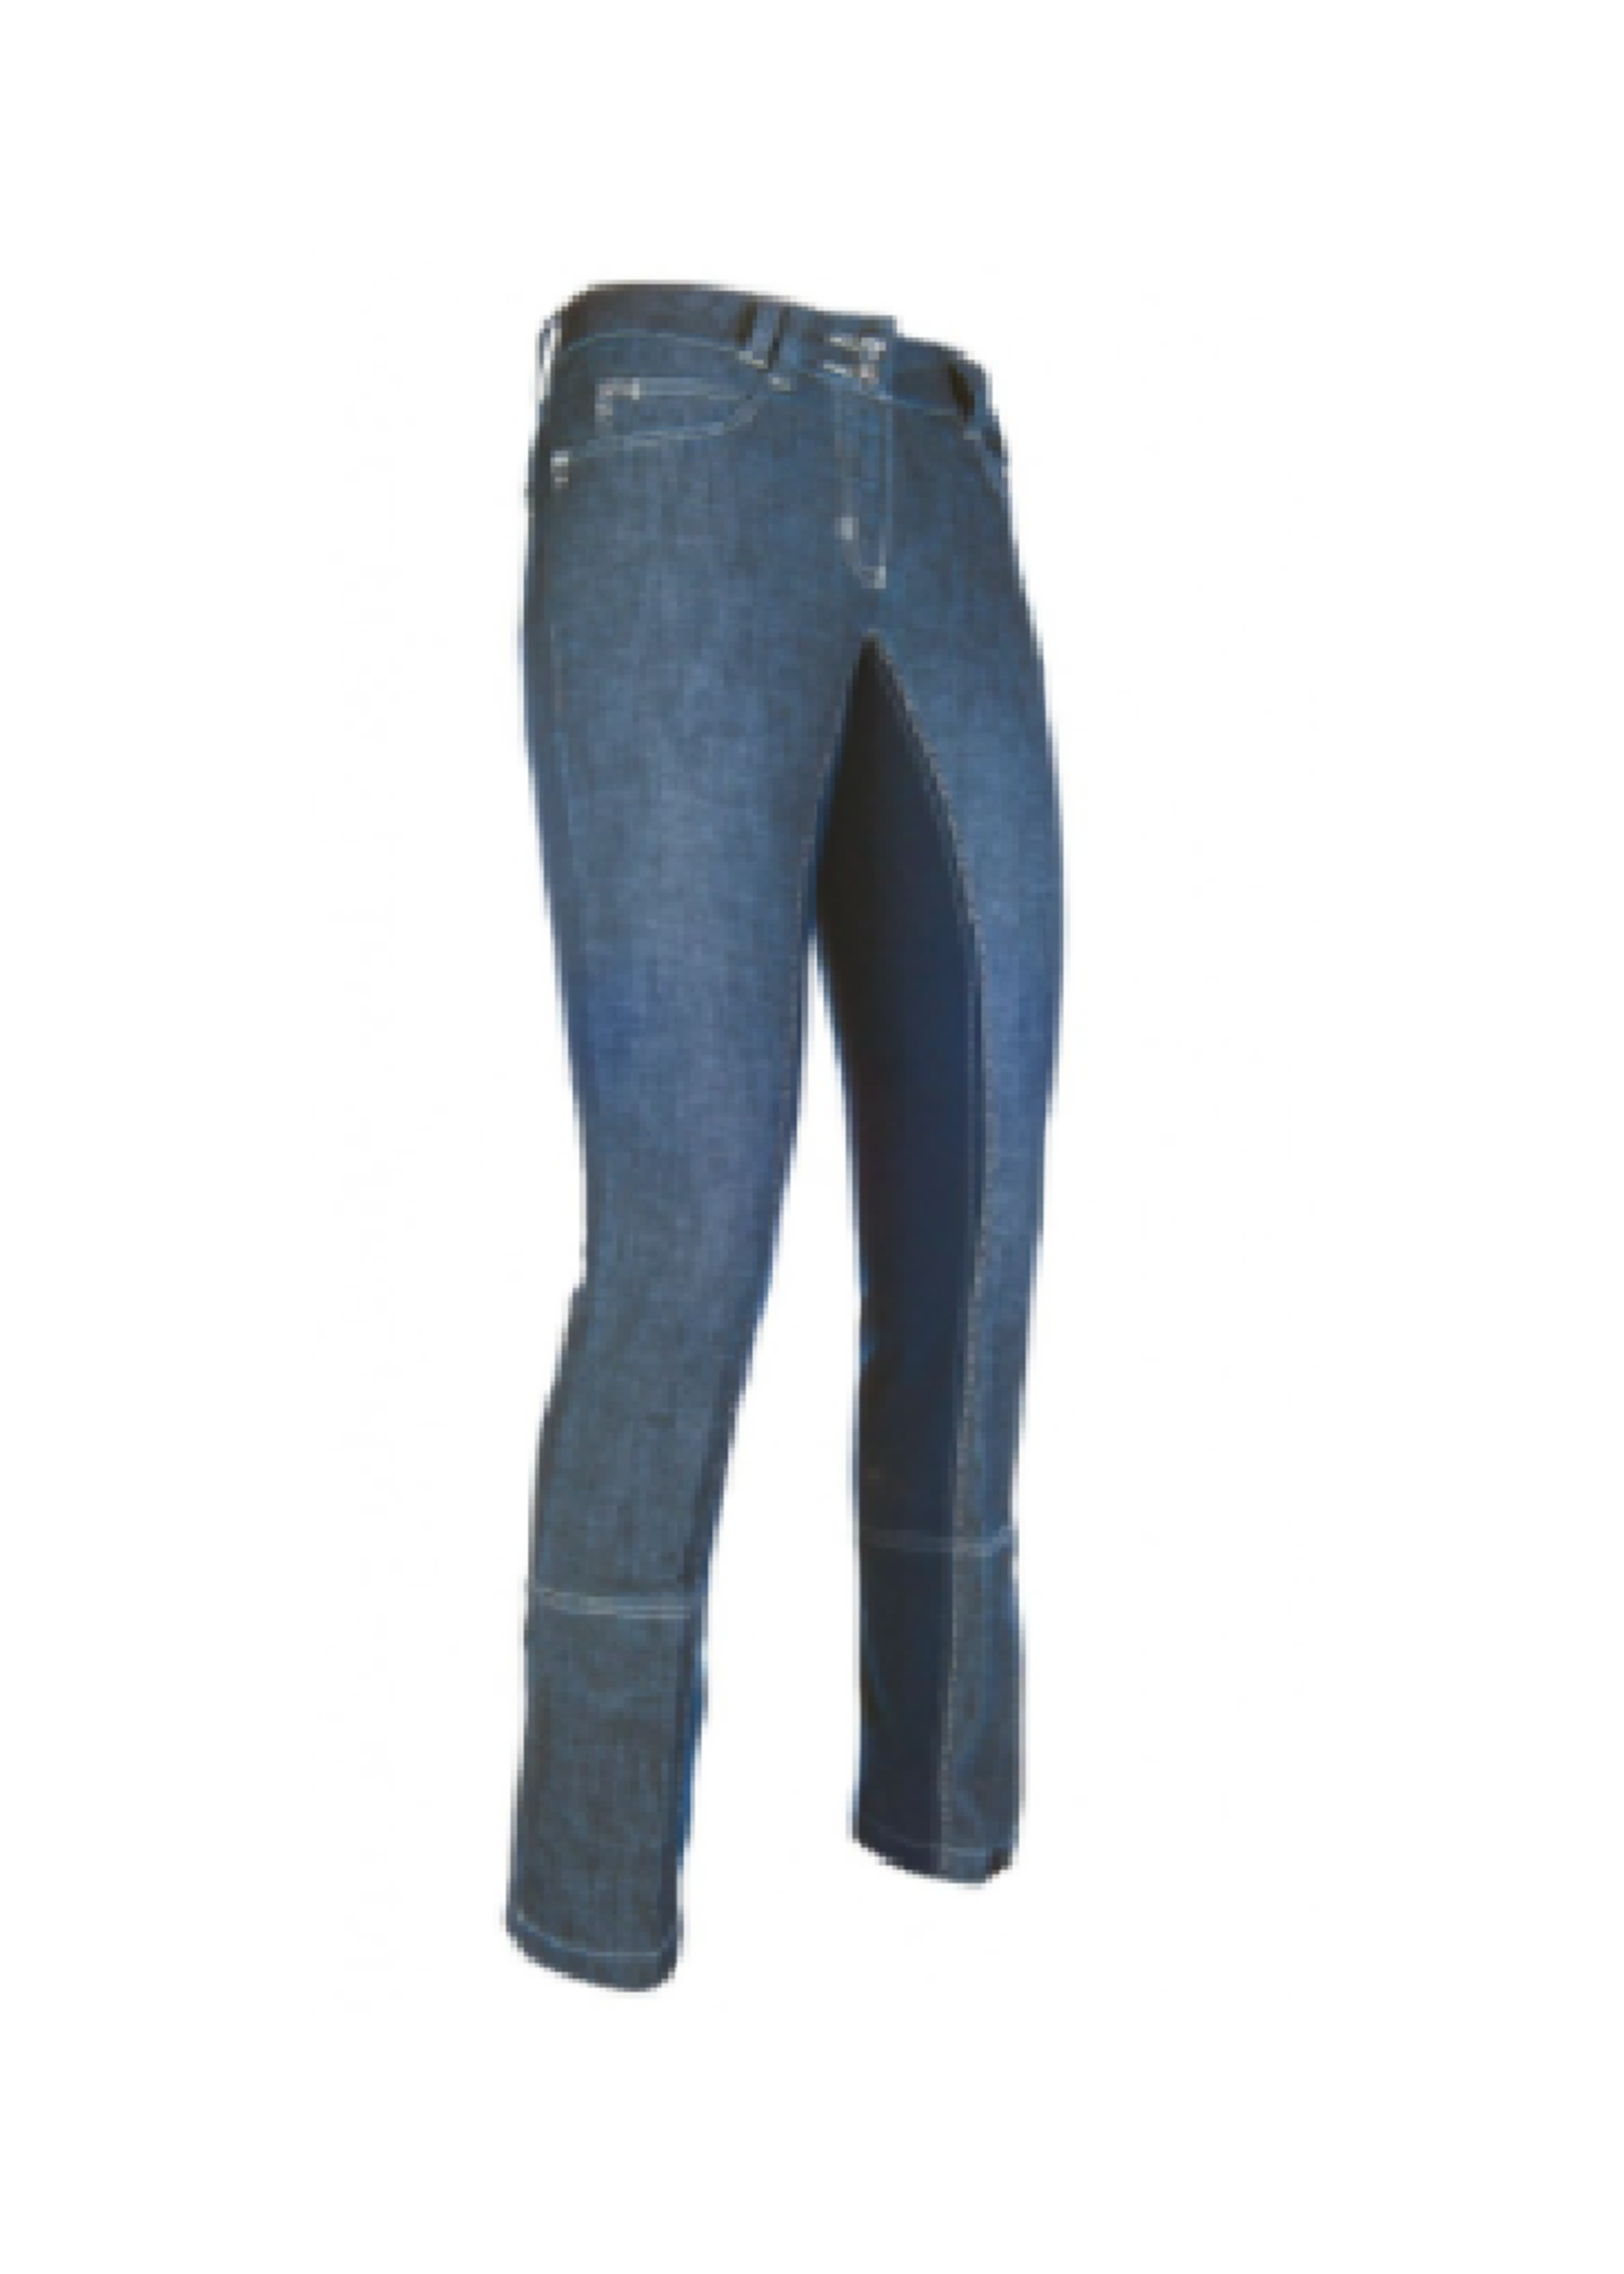 HKM HKM Jodhpur Rijbroek Jeans